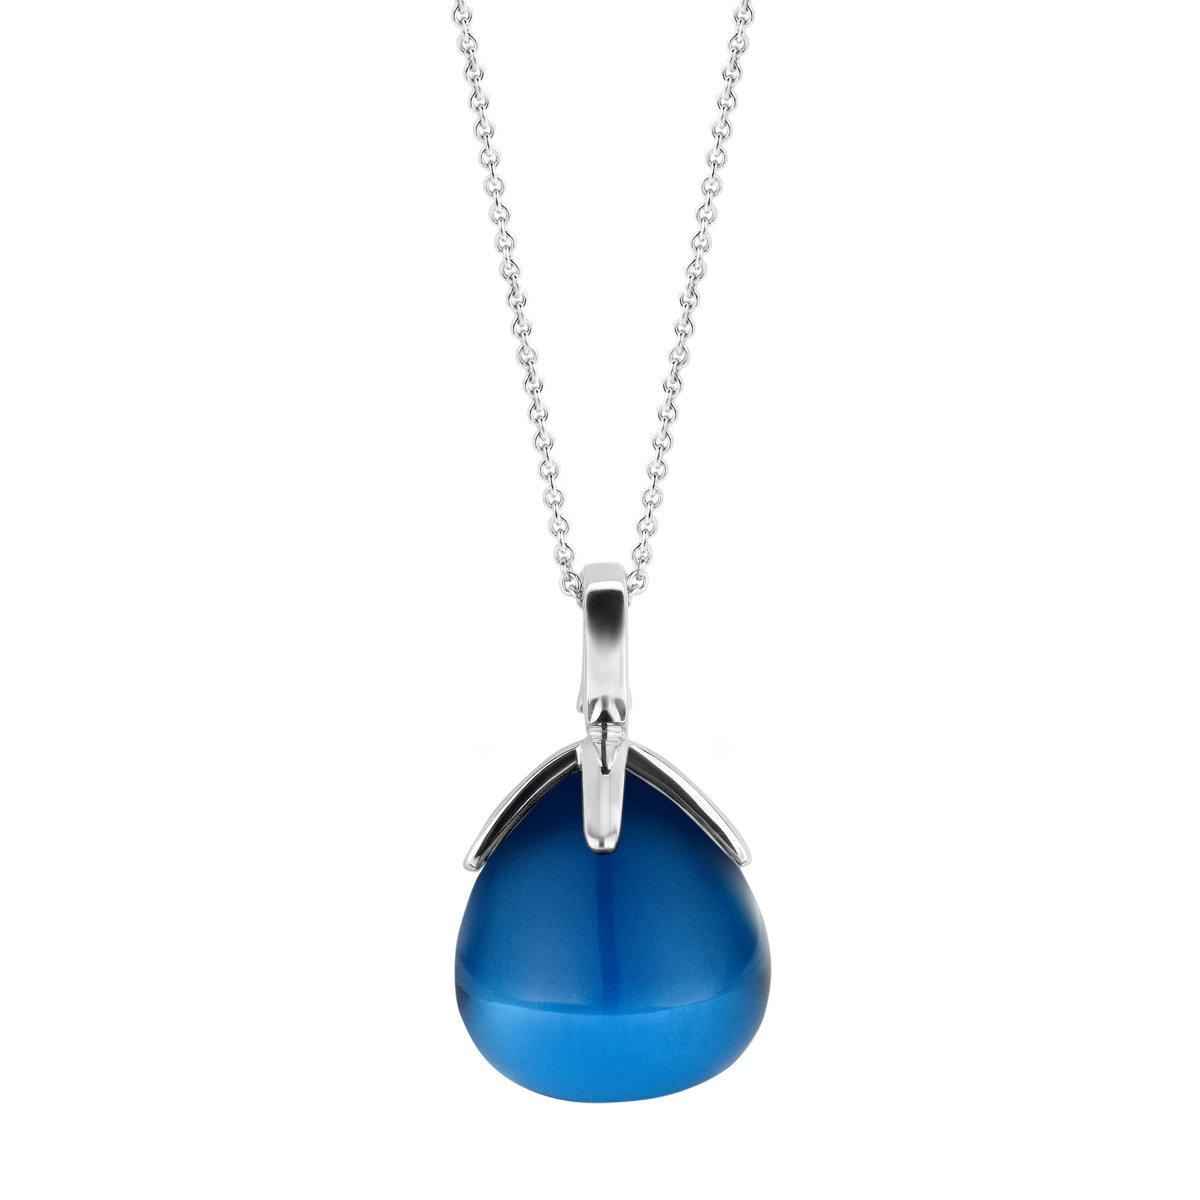 7cb5efb5b Prívesok TI SENTO s modrým kameňom 6762DB | MOLOKO